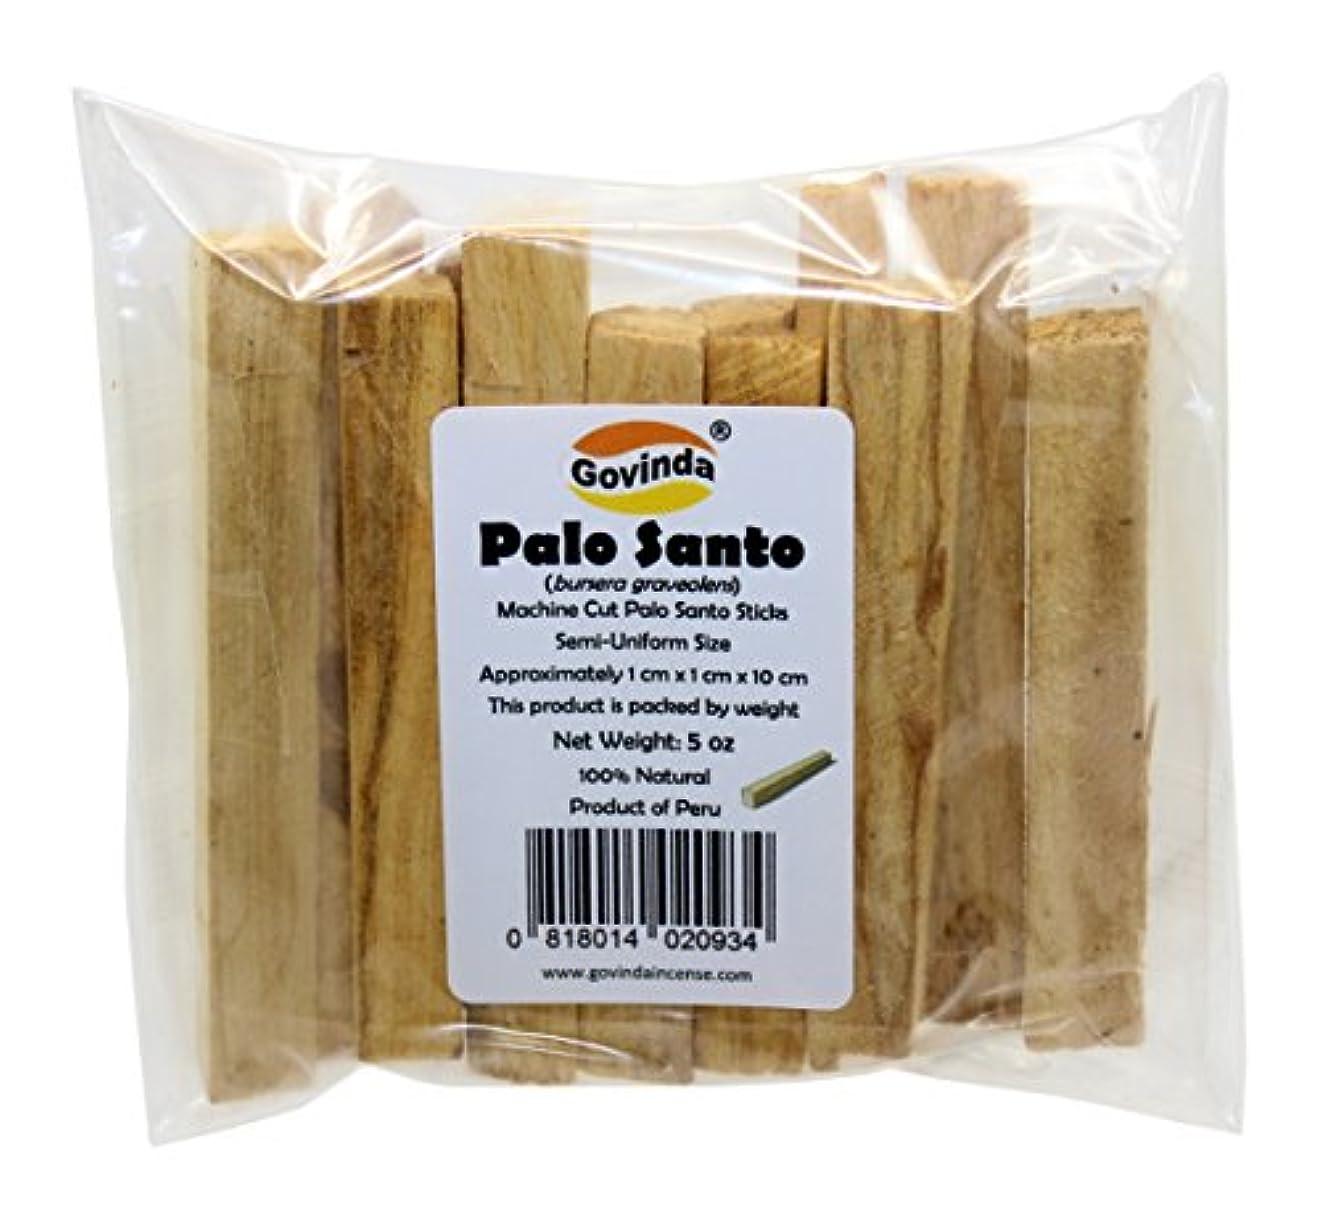 うま反対した伝統的GovindaプレミアムPalo Santo Holy Wood Incense Sticks 5オンスパックfor purifying、クレンジング、ヒーリング、瞑想、Stress Relief。100 %天然